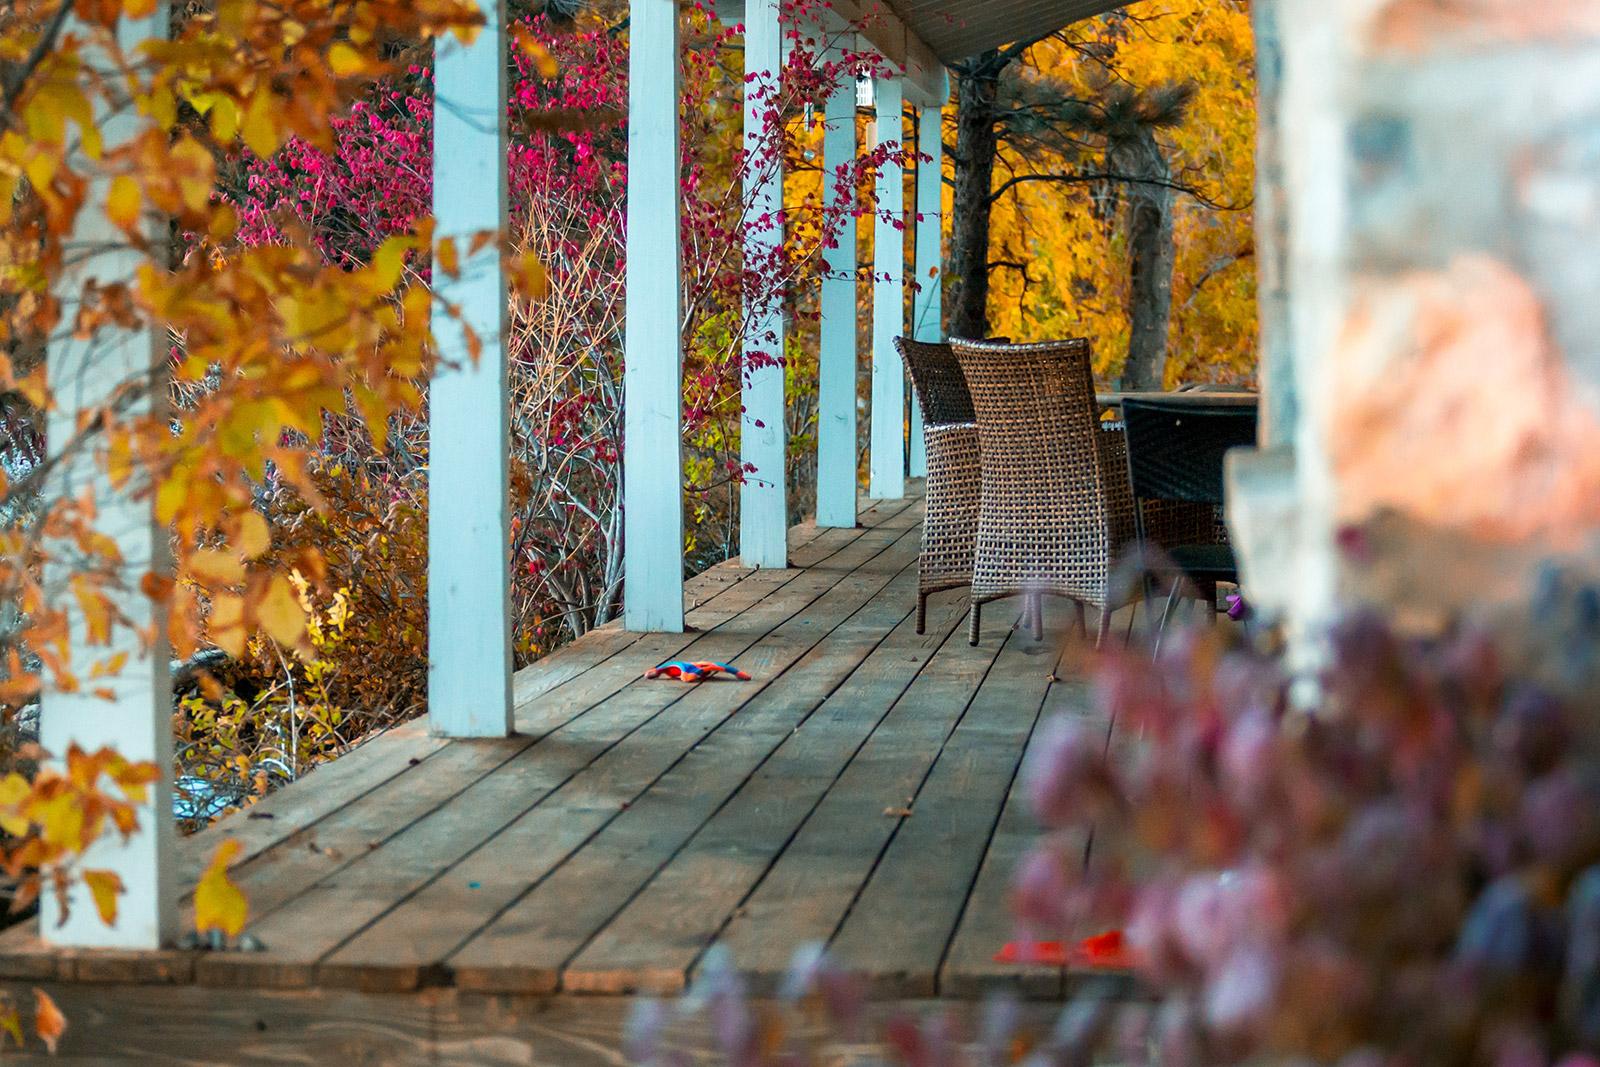 Porch during Autumn